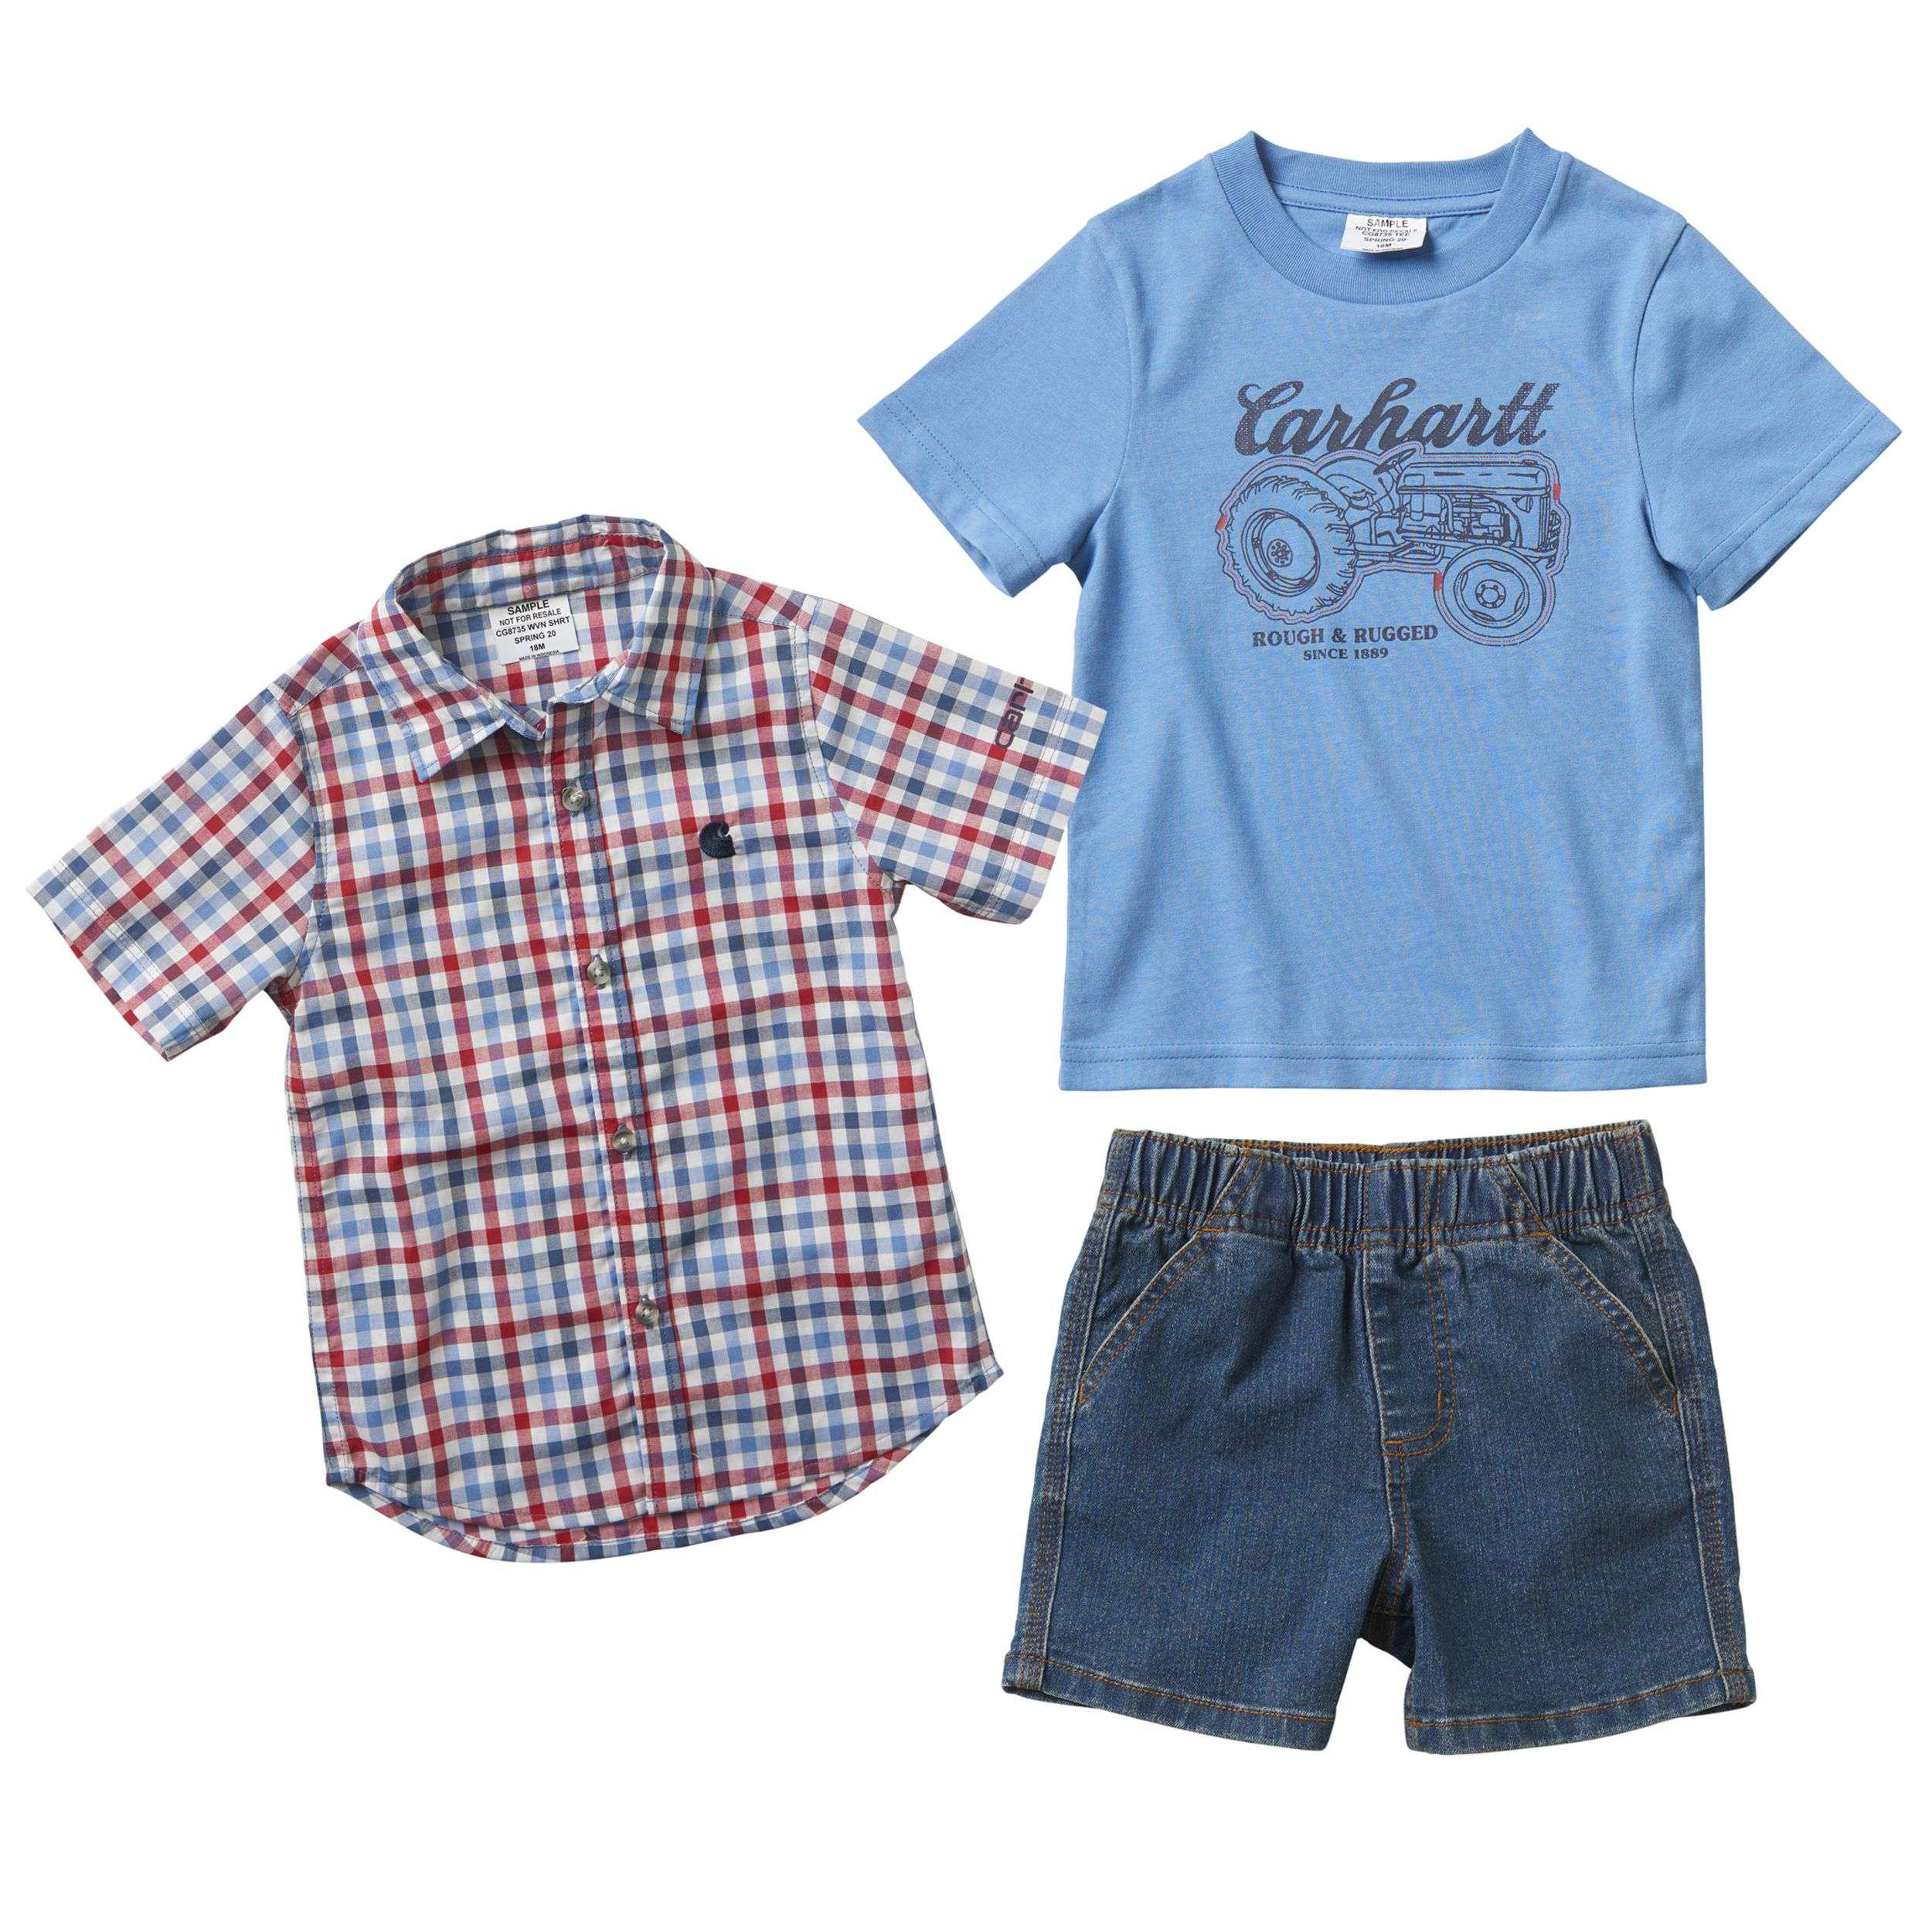 Carhartt 3-Piece Woven Shirt Set